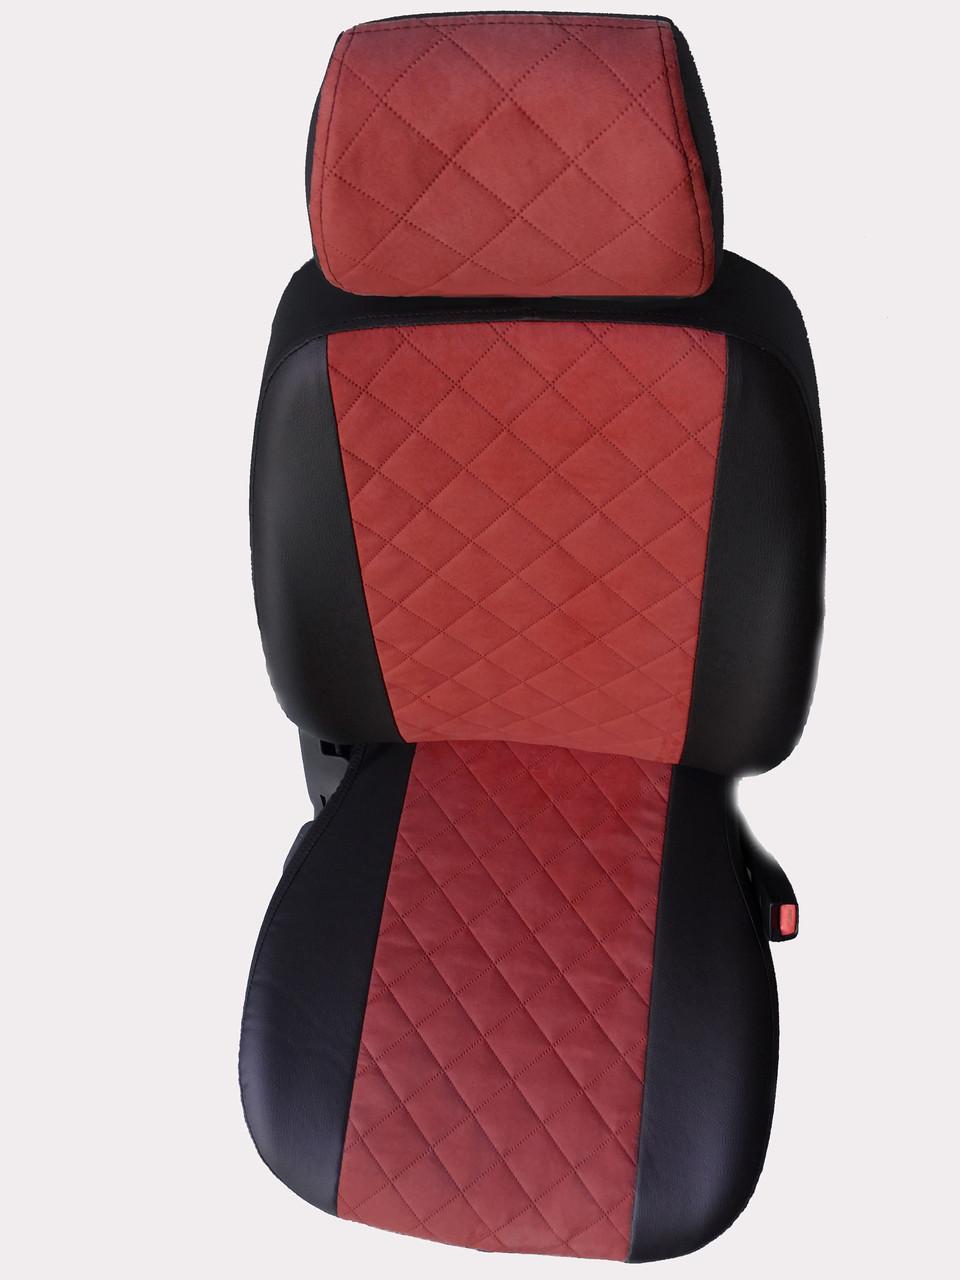 Чехлы на сиденья Хонда Цивик (Honda Civic) (универсальные, экокожа+Алькантара, с отдельным подголовником)